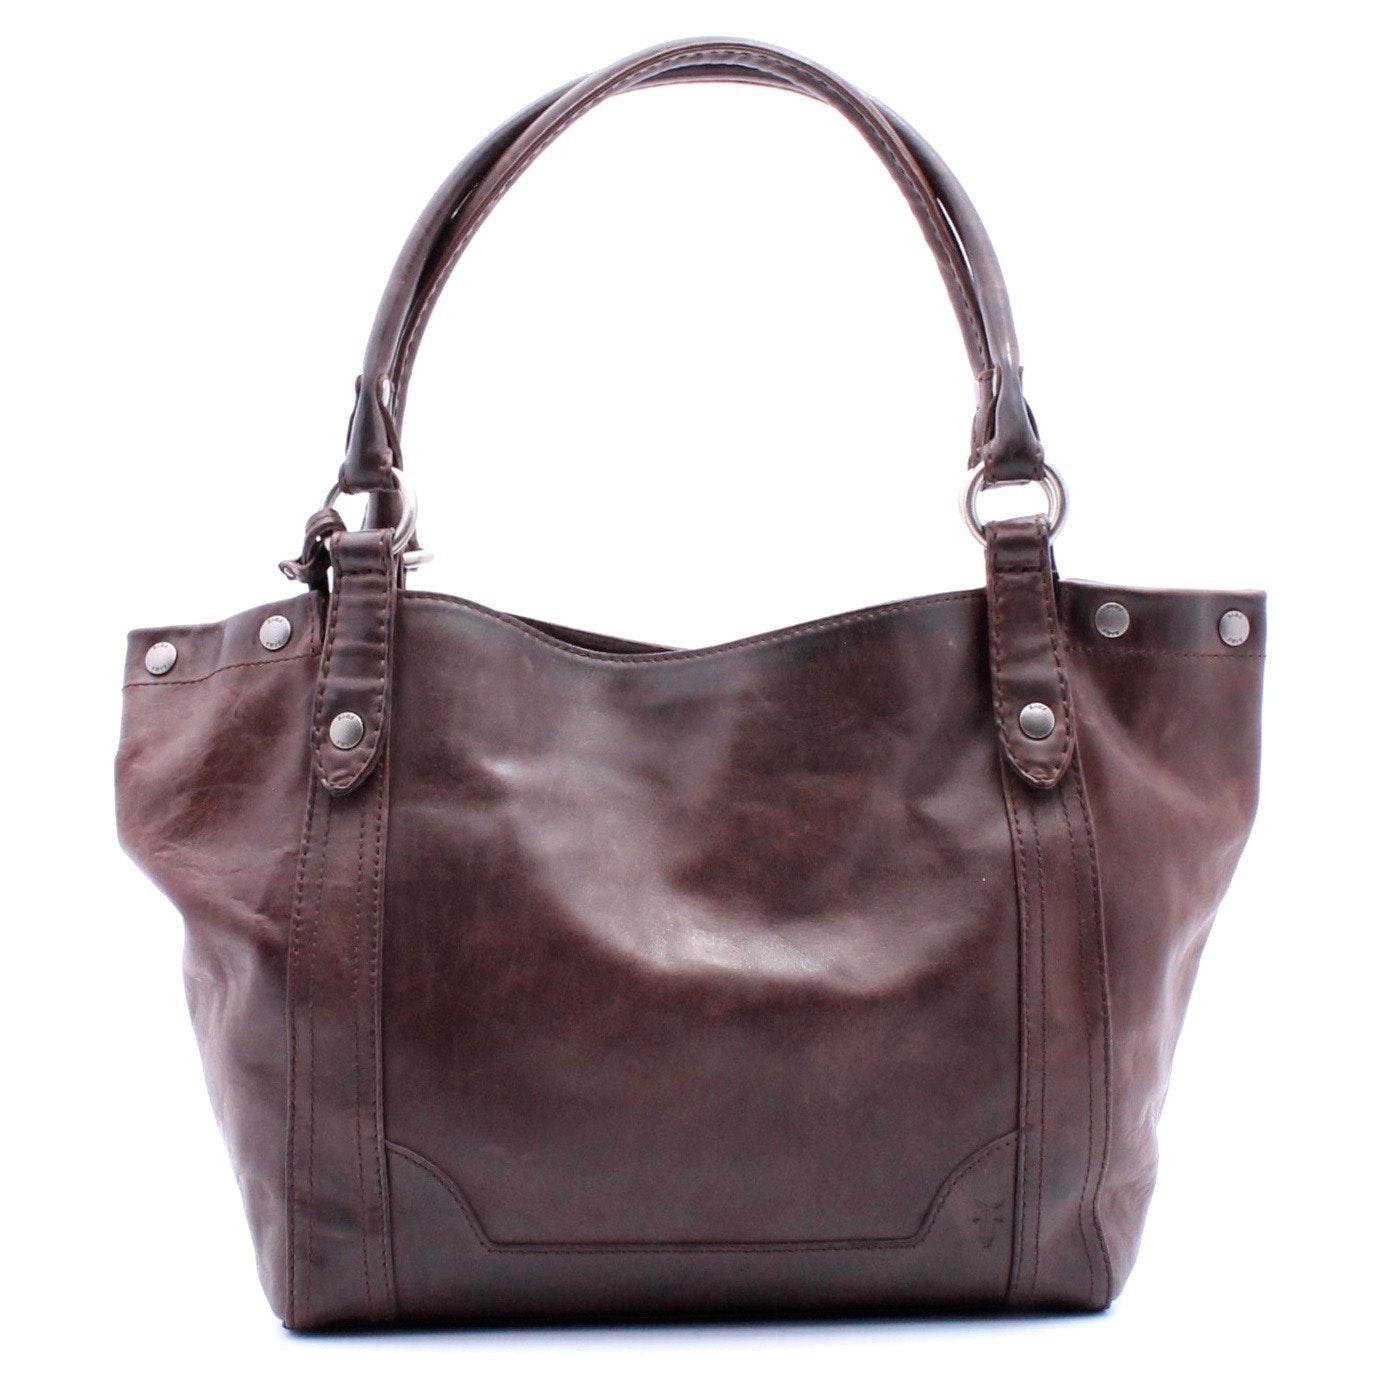 Frye Cognac Leather Shoulder Bag